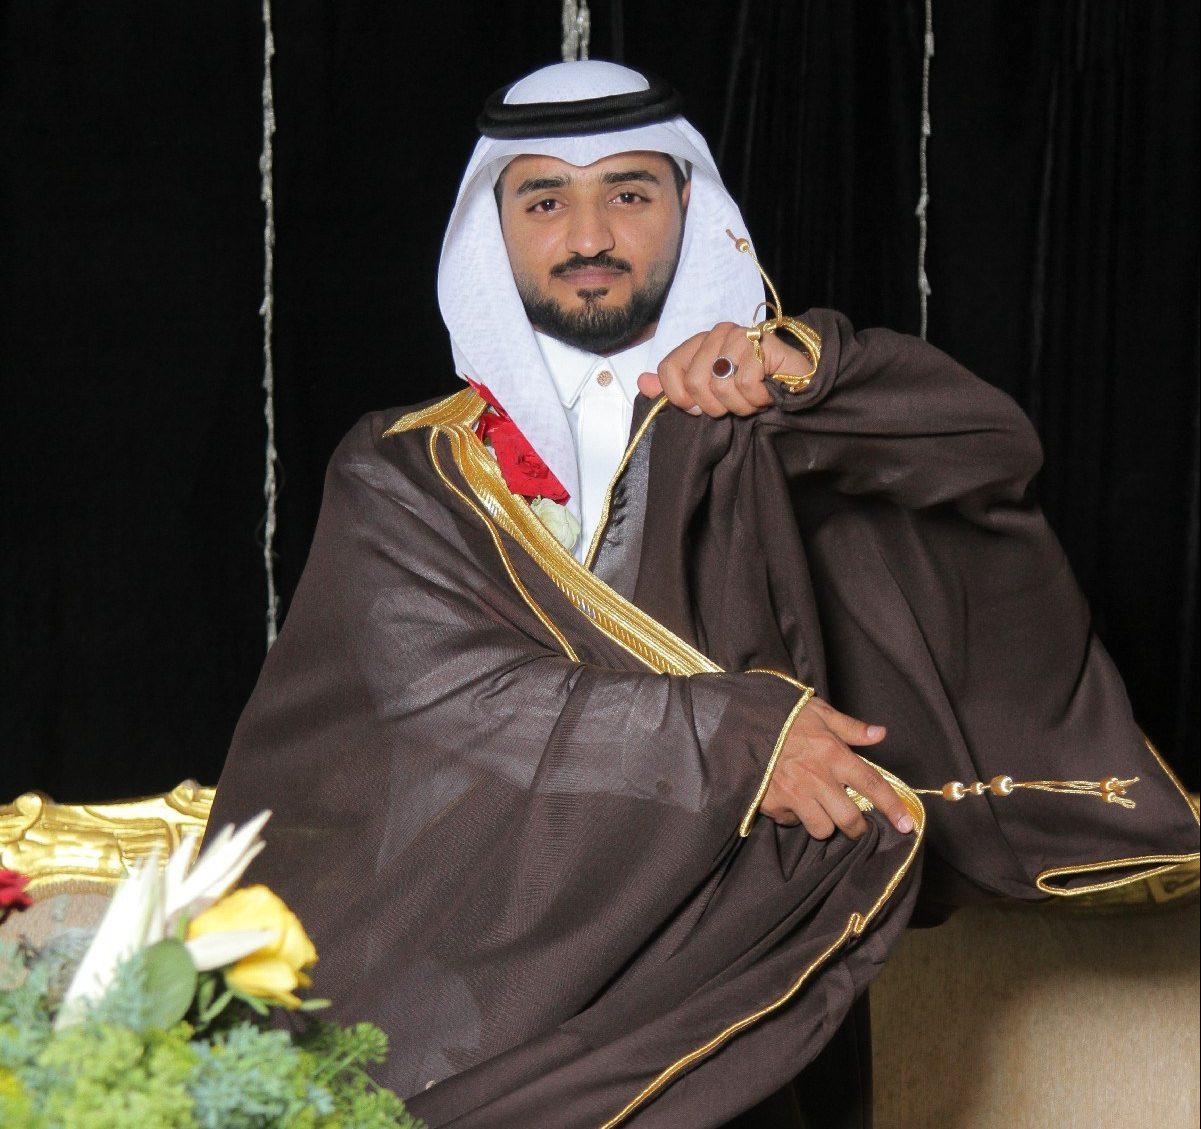 حفل زواج الشاب: أحمد بن حسن العمري